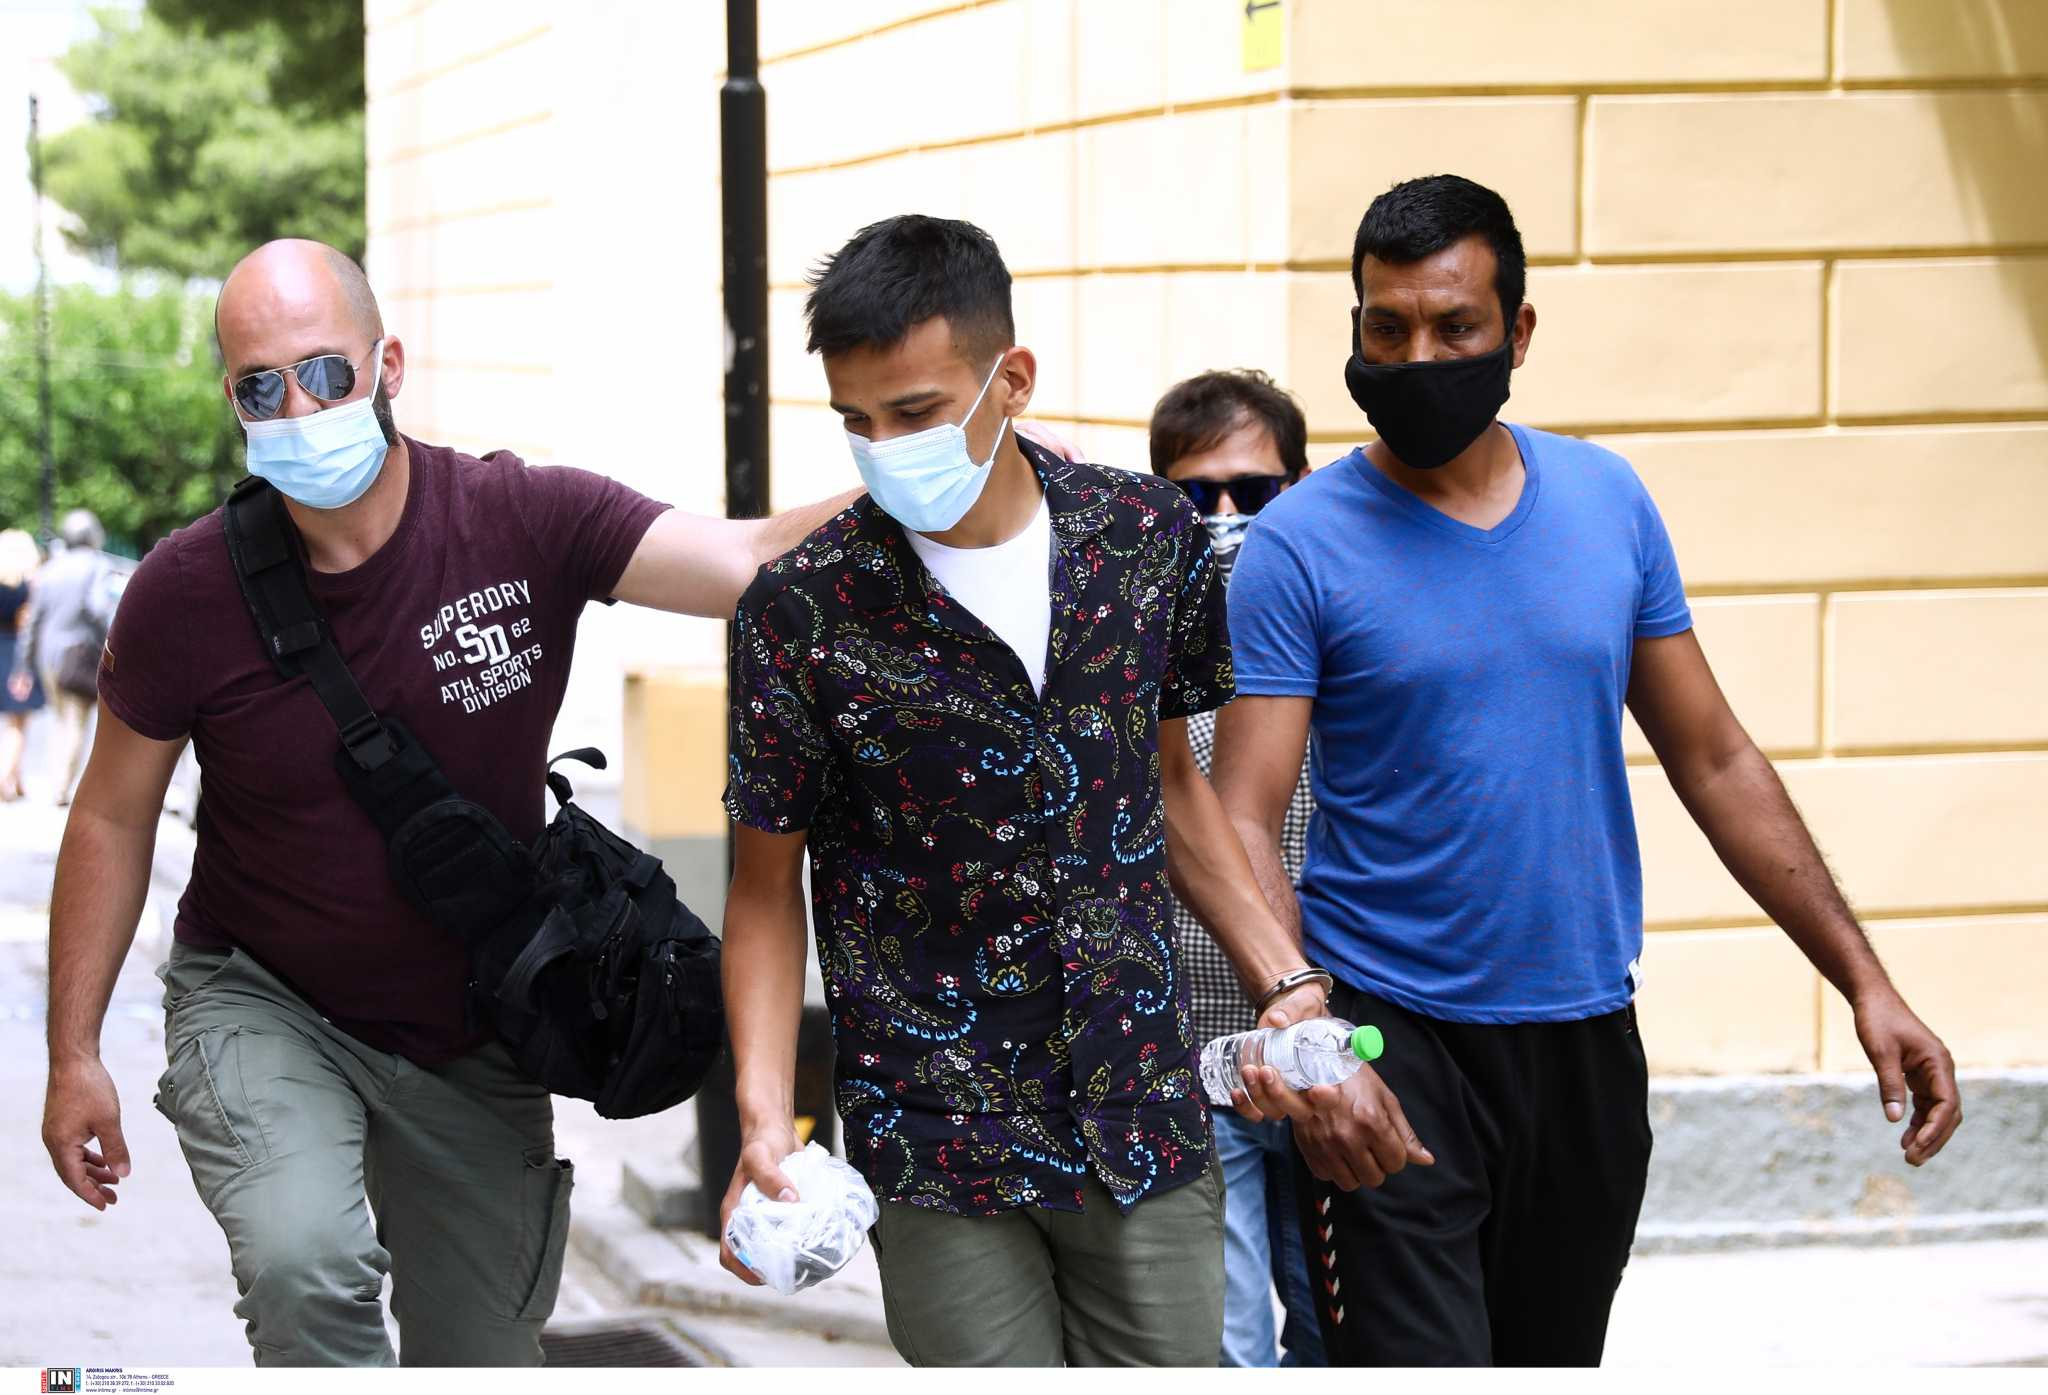 Μύκονος: Στον ανακριτή οι 4 κατηγορούμενοι για το κύκλωμα ναρκωτικών